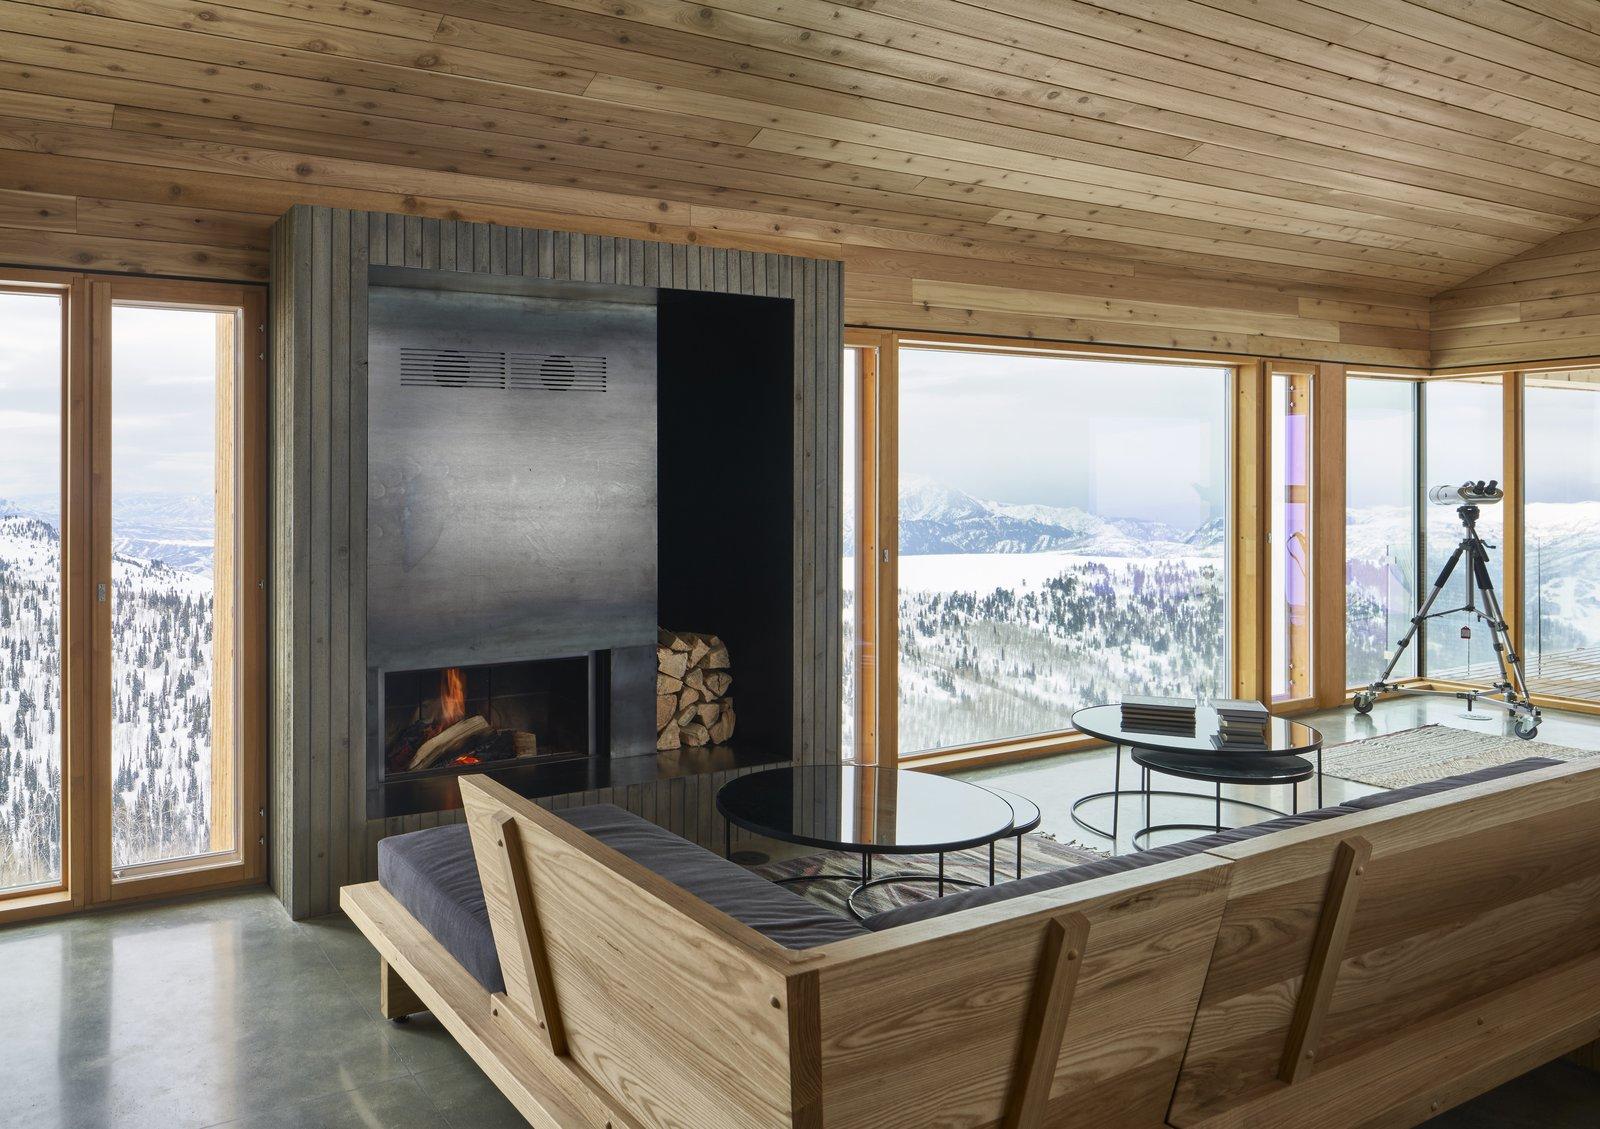 Horizon Neighborhood cabin fireplace